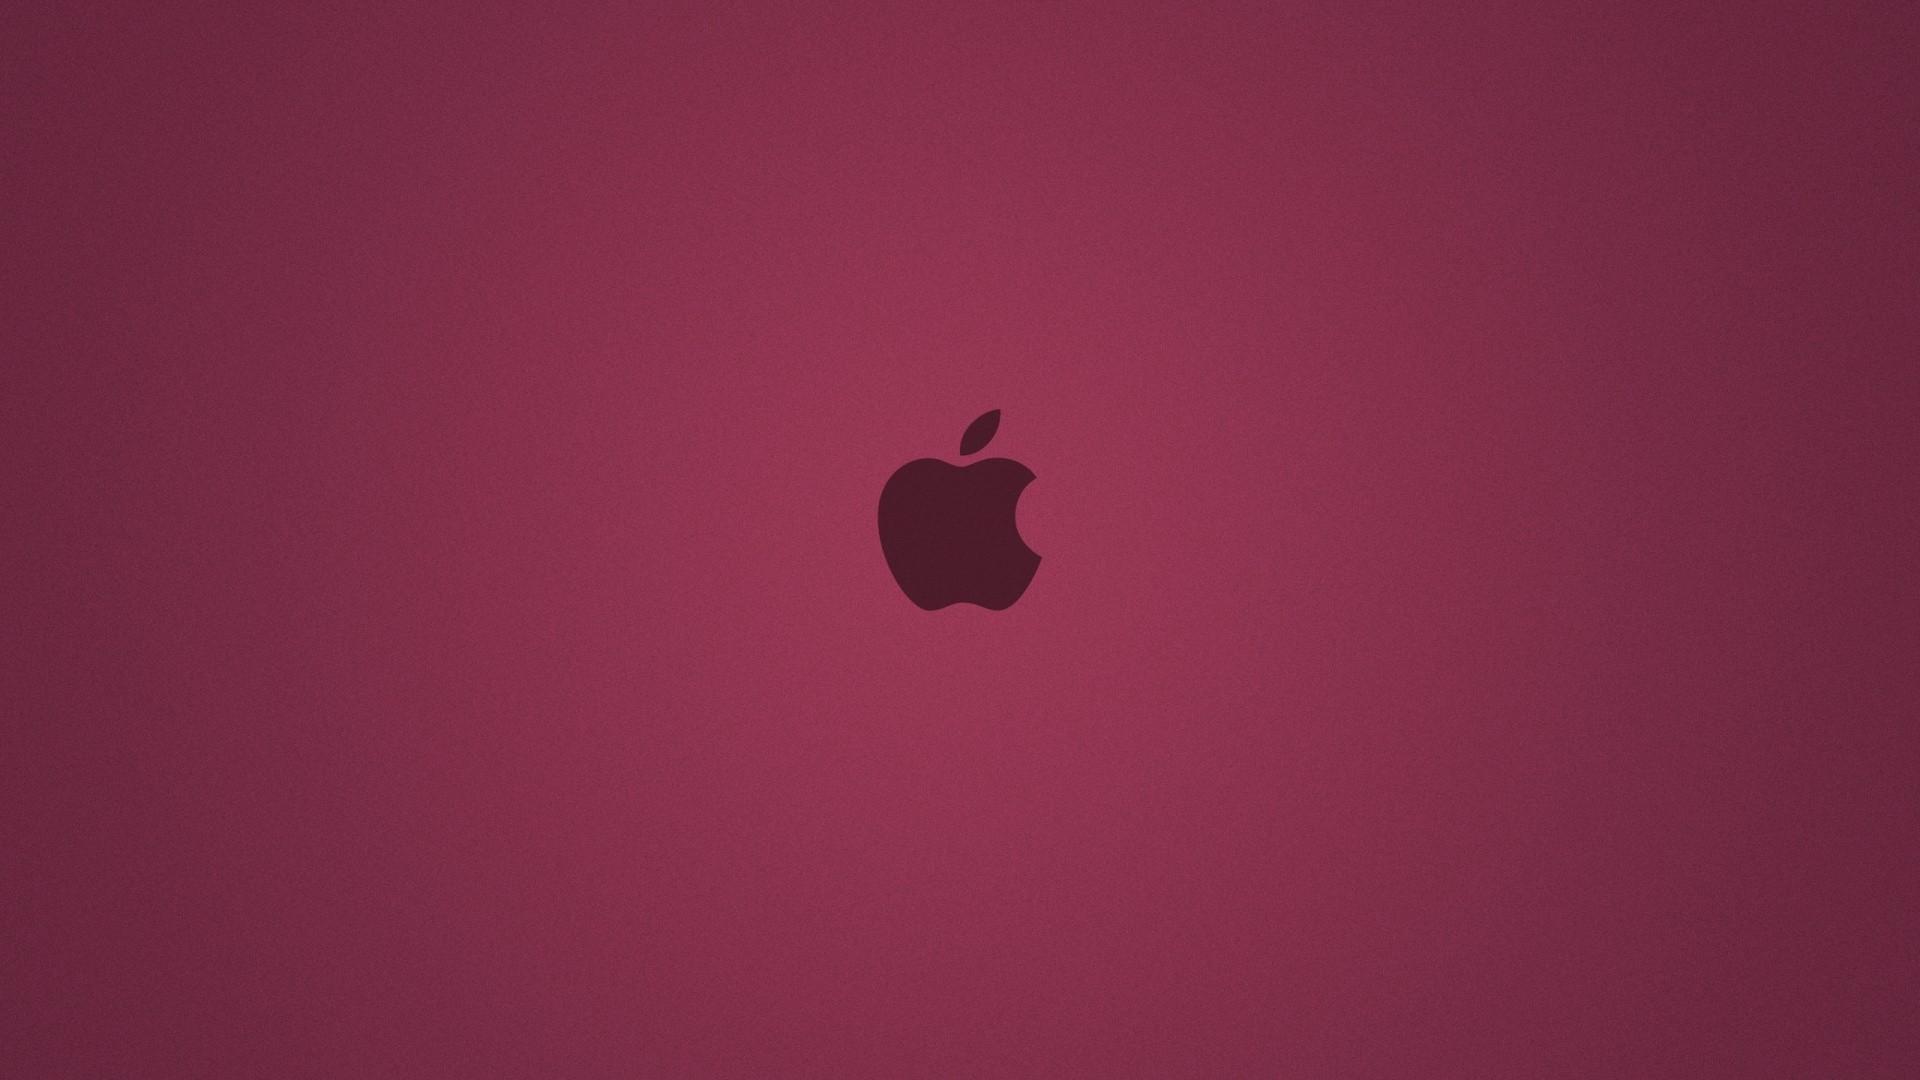 Macbook Air hd wallpaper download